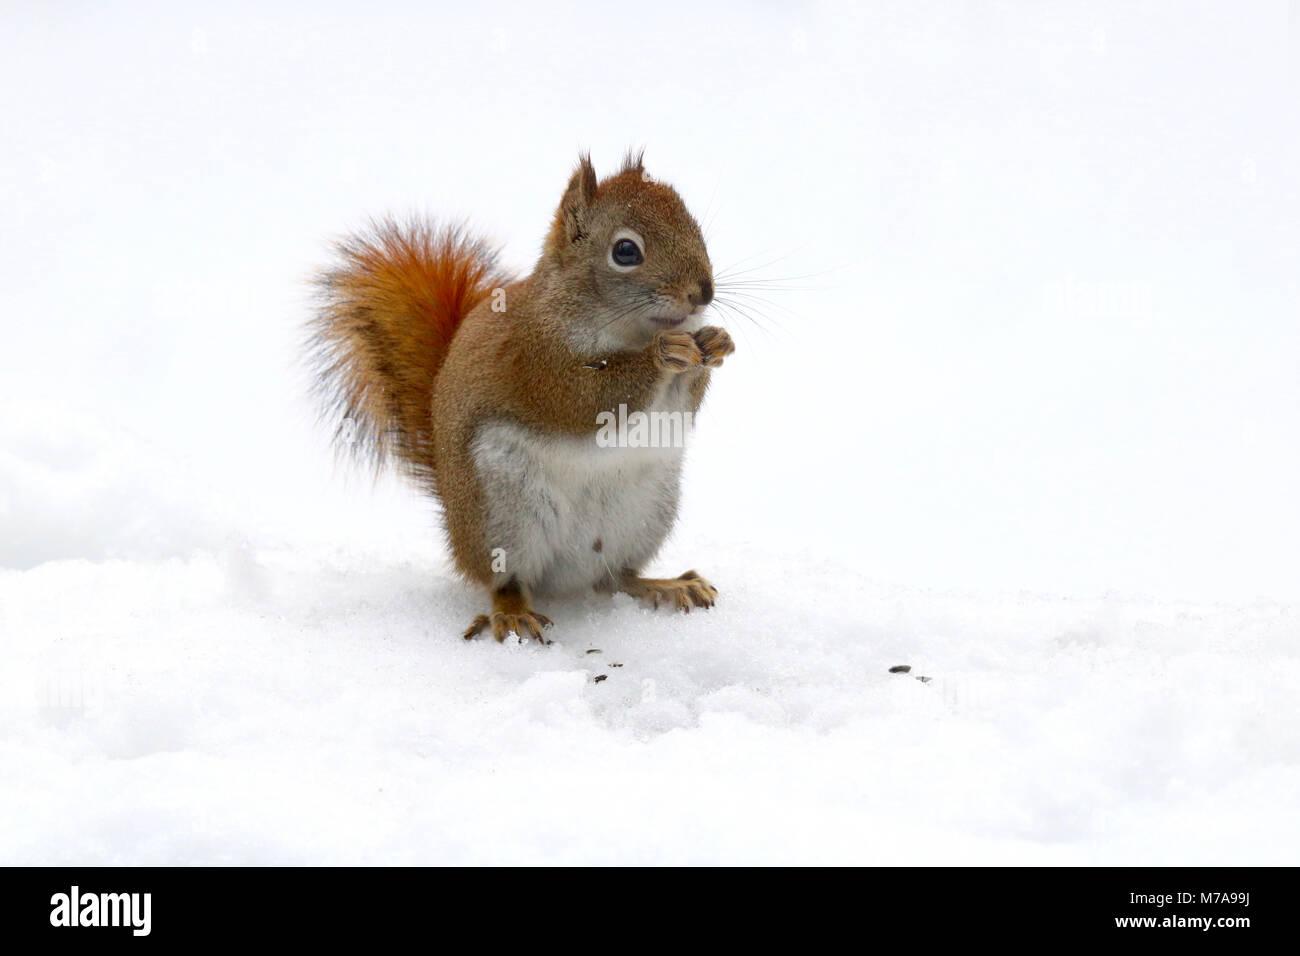 Un peu d'Écureuil roux (Tamiasciurus hudsonicus) à la recherche de nourriture sur un jour de neige. Photo Stock